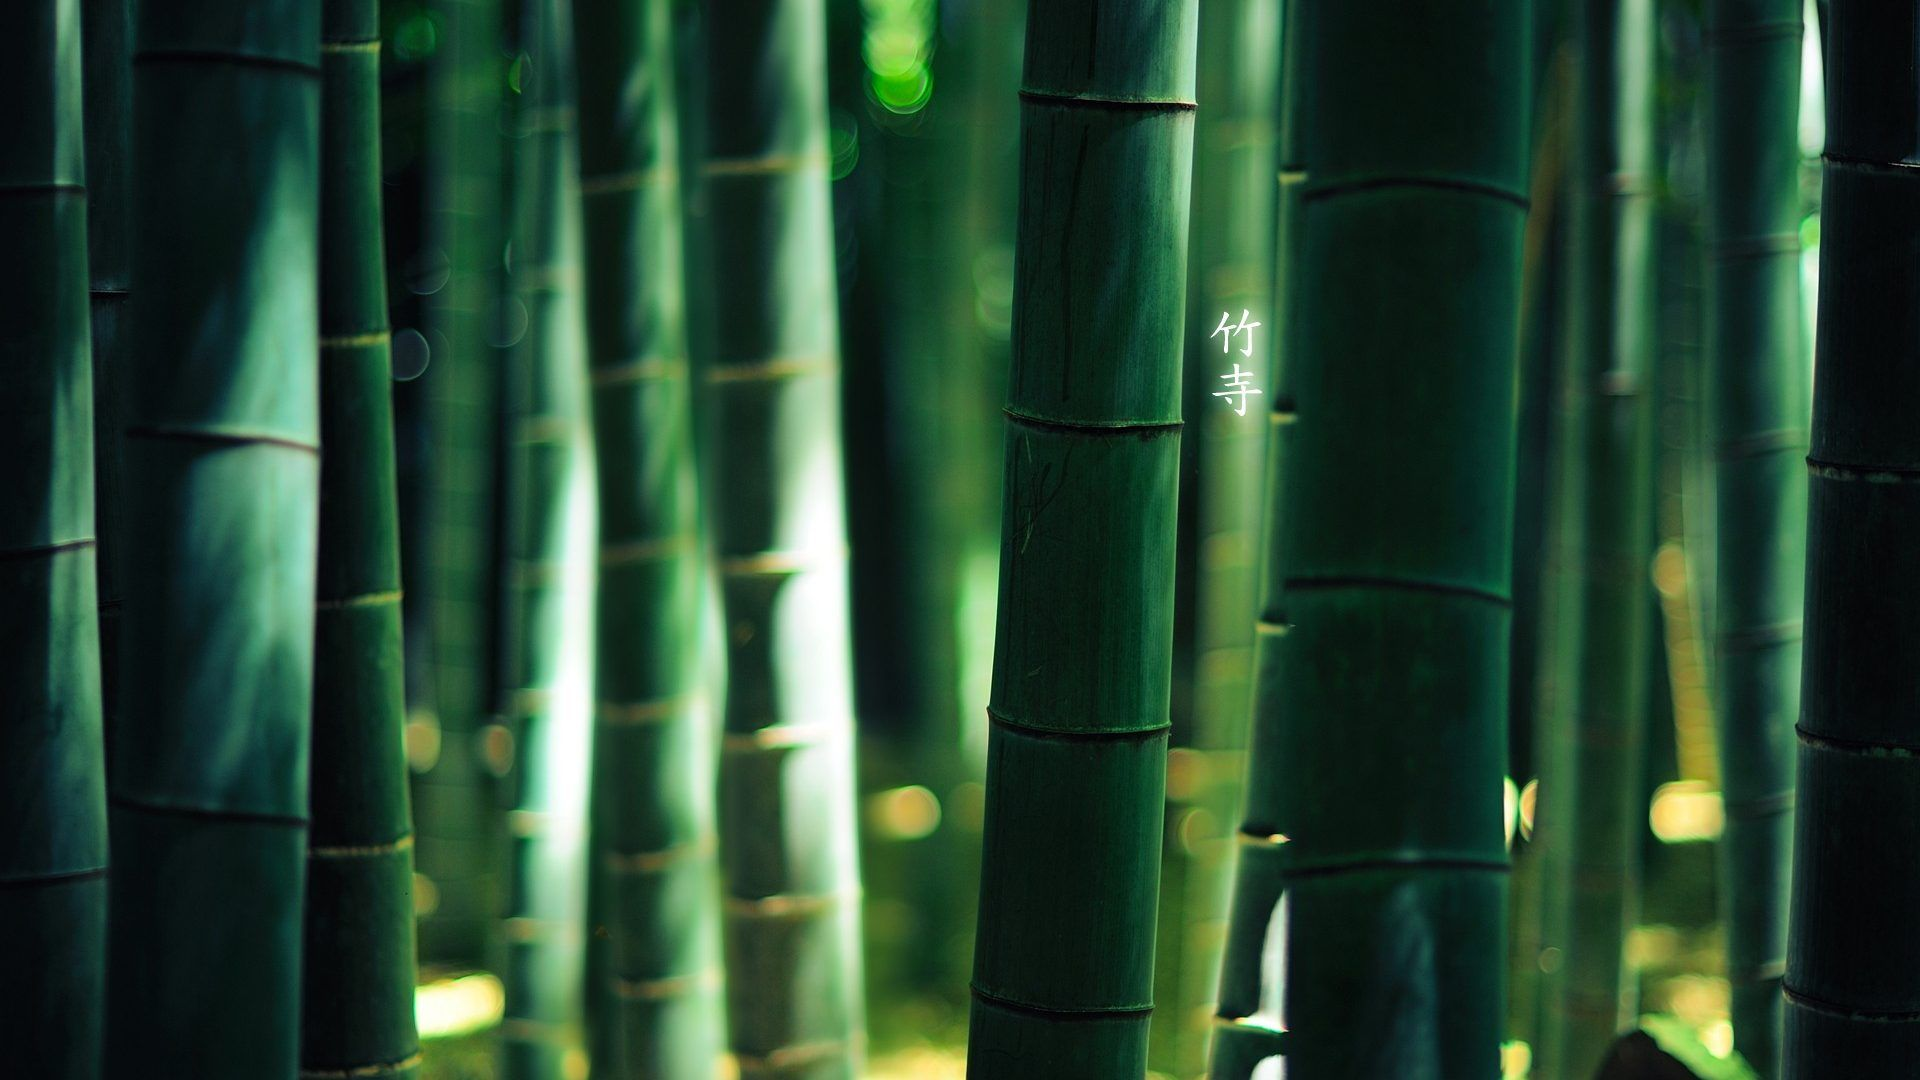 Image Result For Zen Inspired Litter Box Bamboo Wallpaper Hd